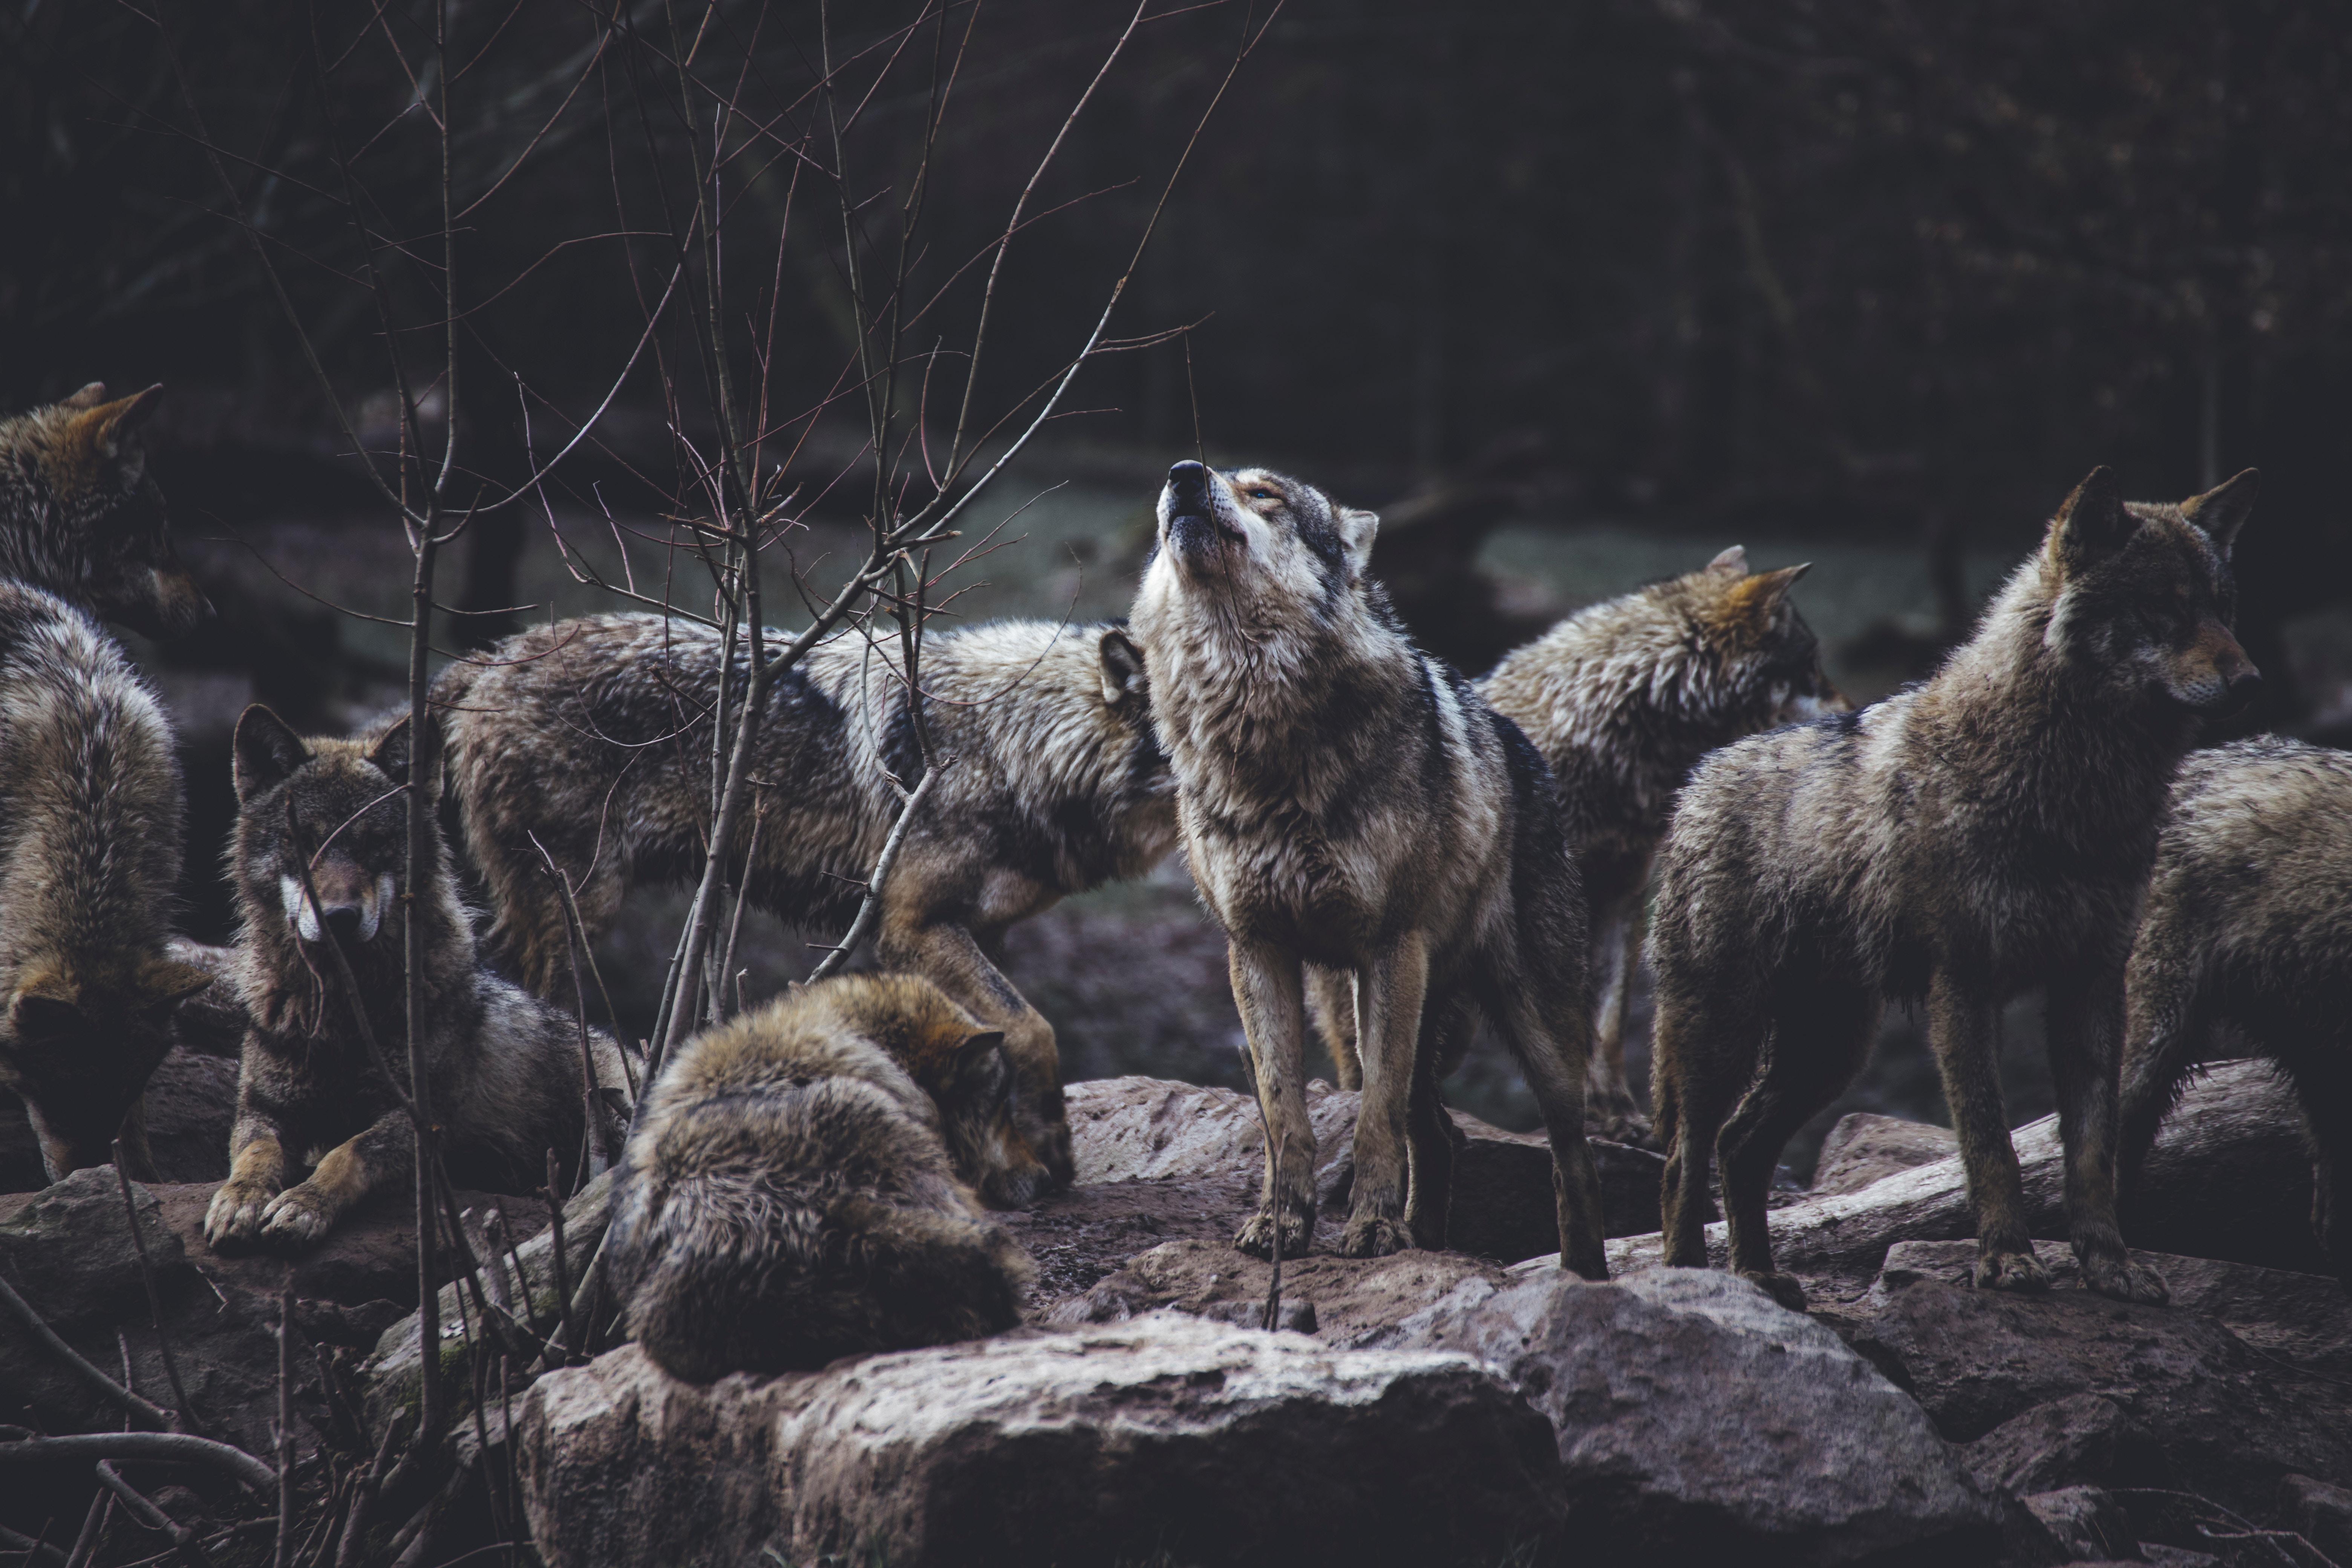 114453 Hintergrundbild herunterladen Wölfe, Tiere, Wilde Natur, Wildlife, Herde, Raubtiere, Heulen - Bildschirmschoner und Bilder kostenlos